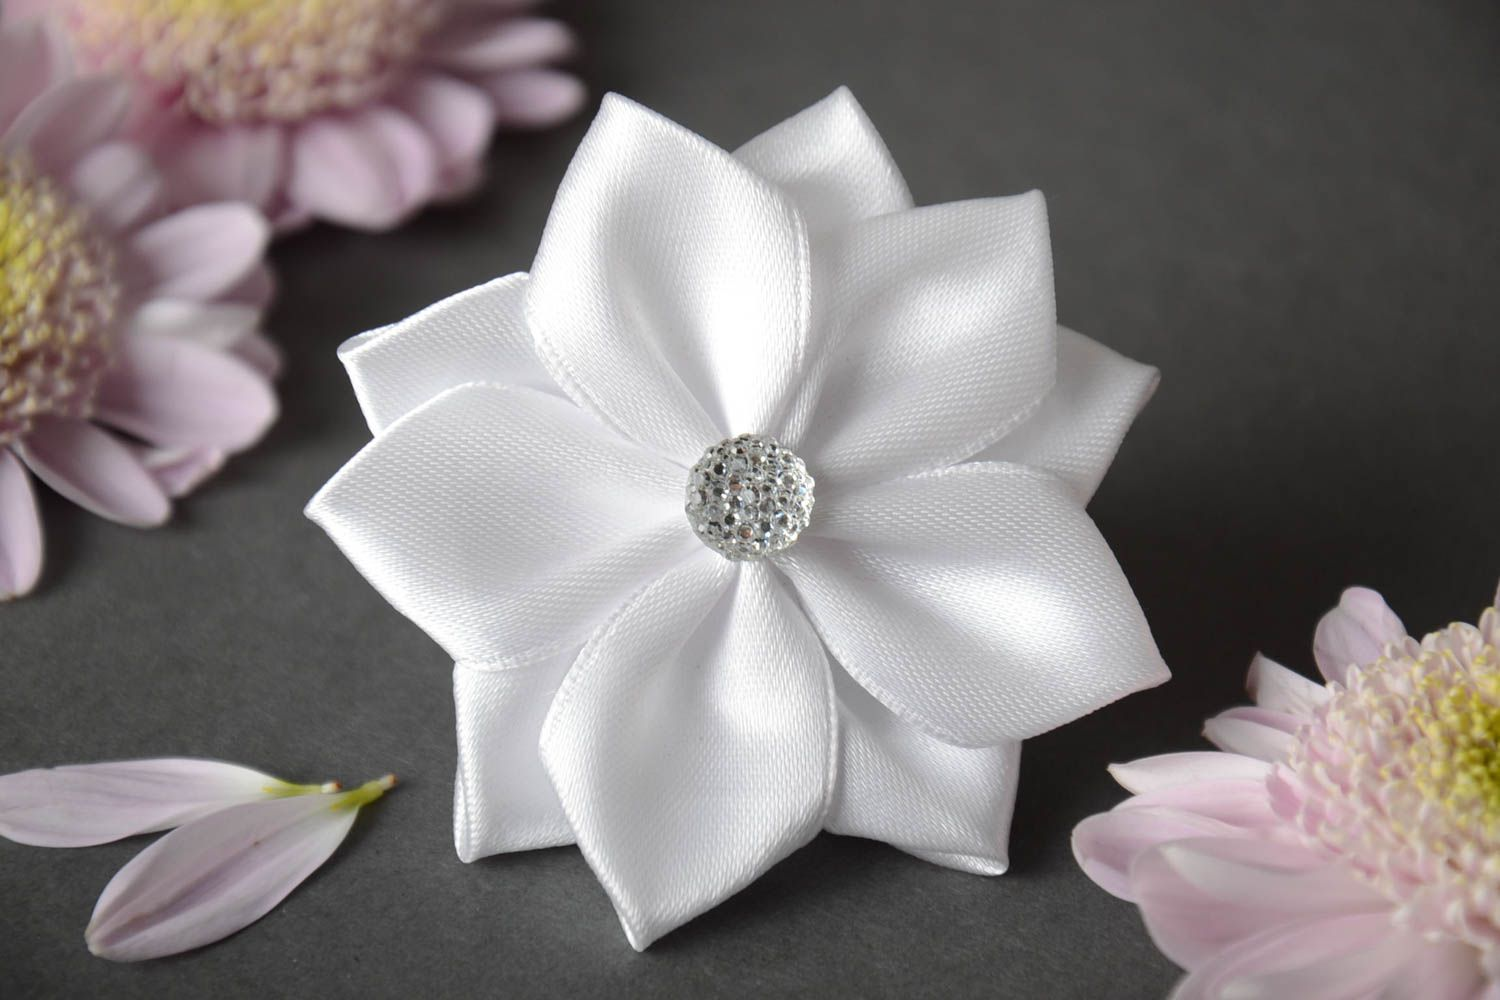 5 легких способов сделать резиночки для волос: роскошный бант, белый цветок своими руками | bellehair.info